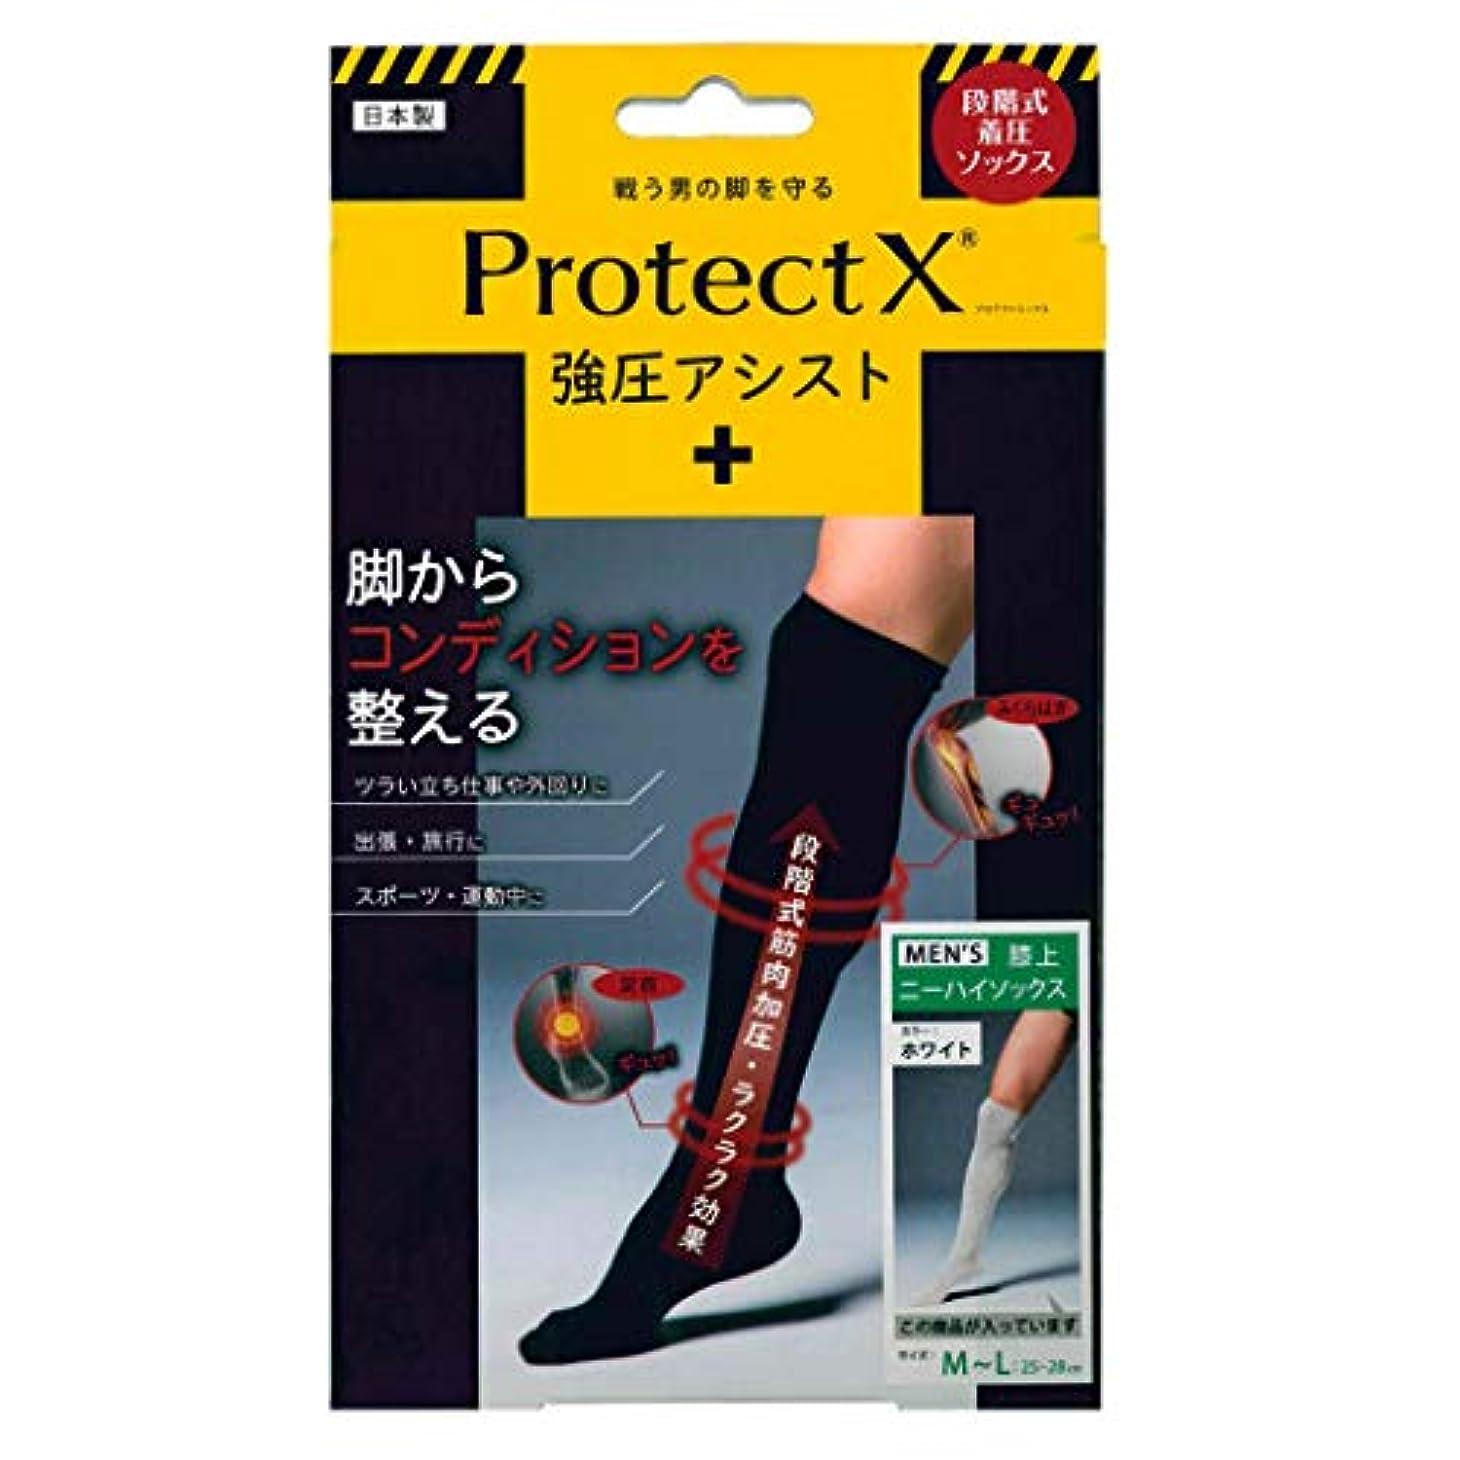 臭い衝突真剣にProtect X(プロテクトエックス) 強圧アシスト つま先あり着圧ソックス 膝上 M-Lサイズ ホワイト